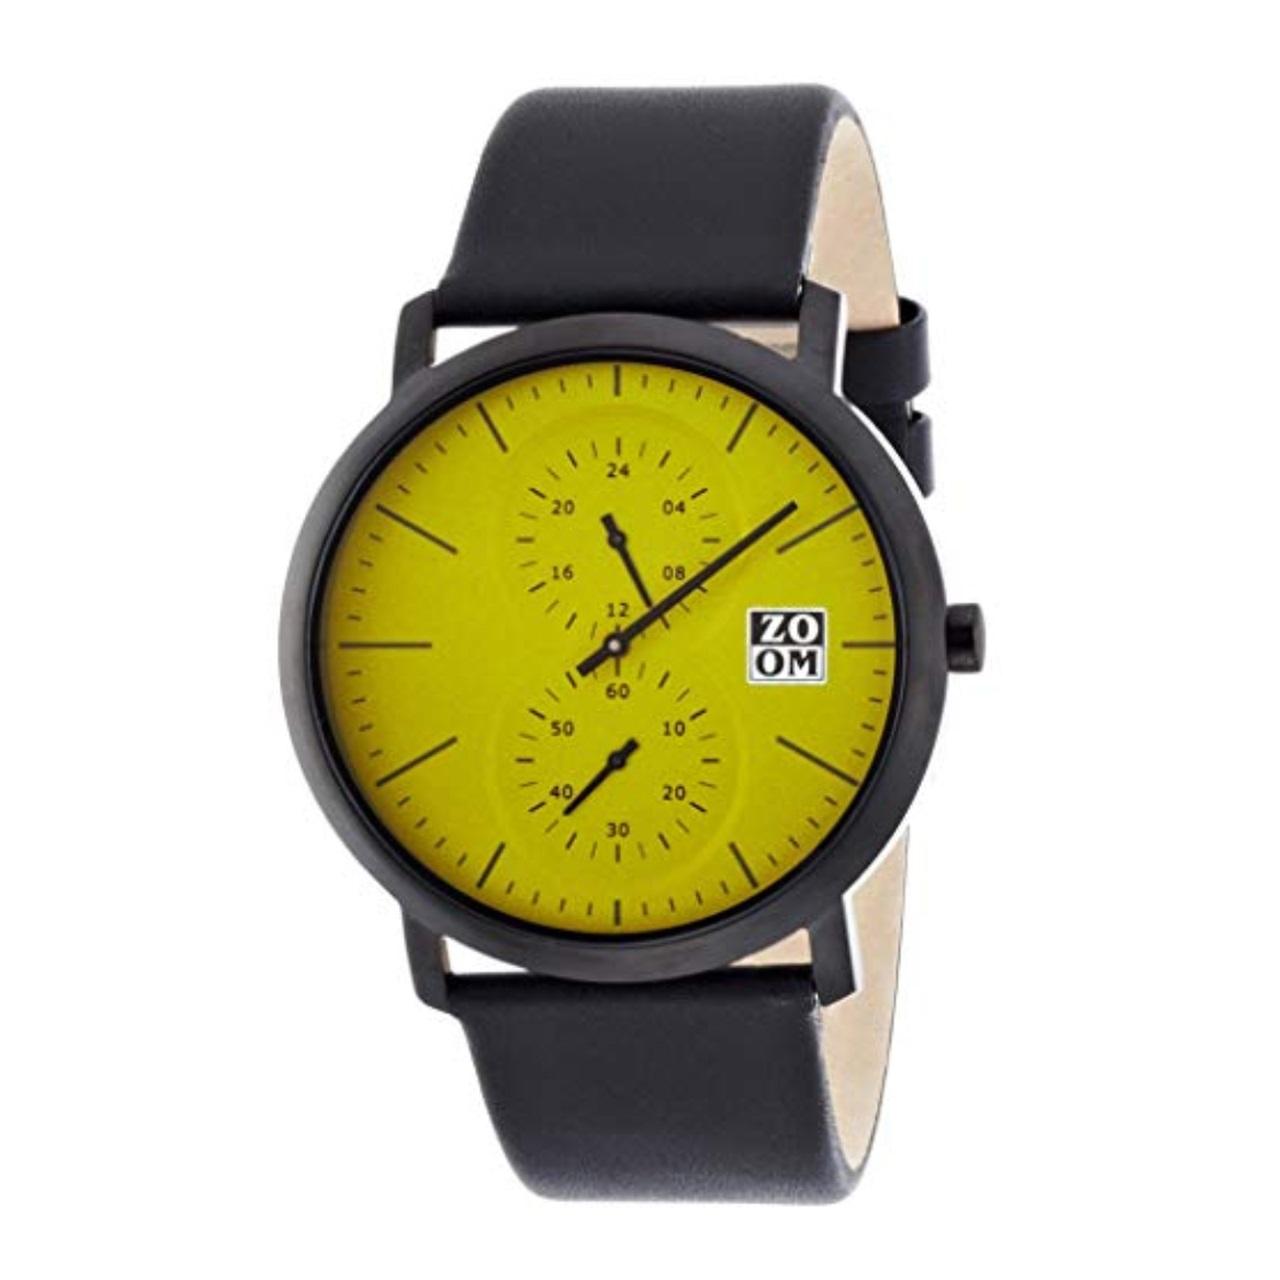 ساعت مچی عقربه ای مردانه ZOOM مدل ZM.7100M.2511 14